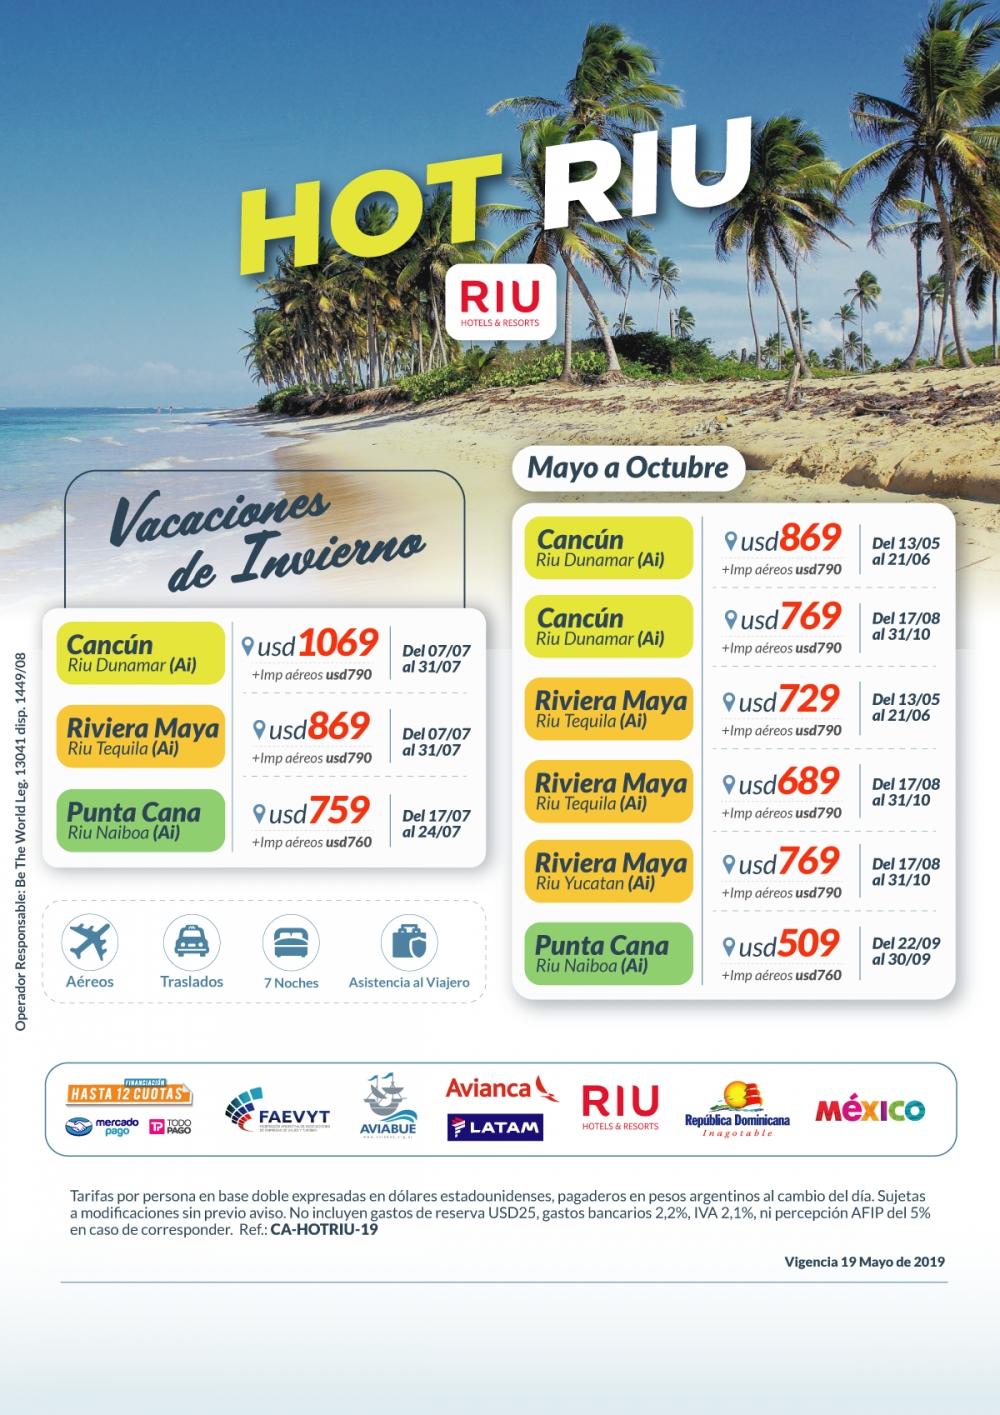 OFERTA - Hot Sale con Hoteles Riu